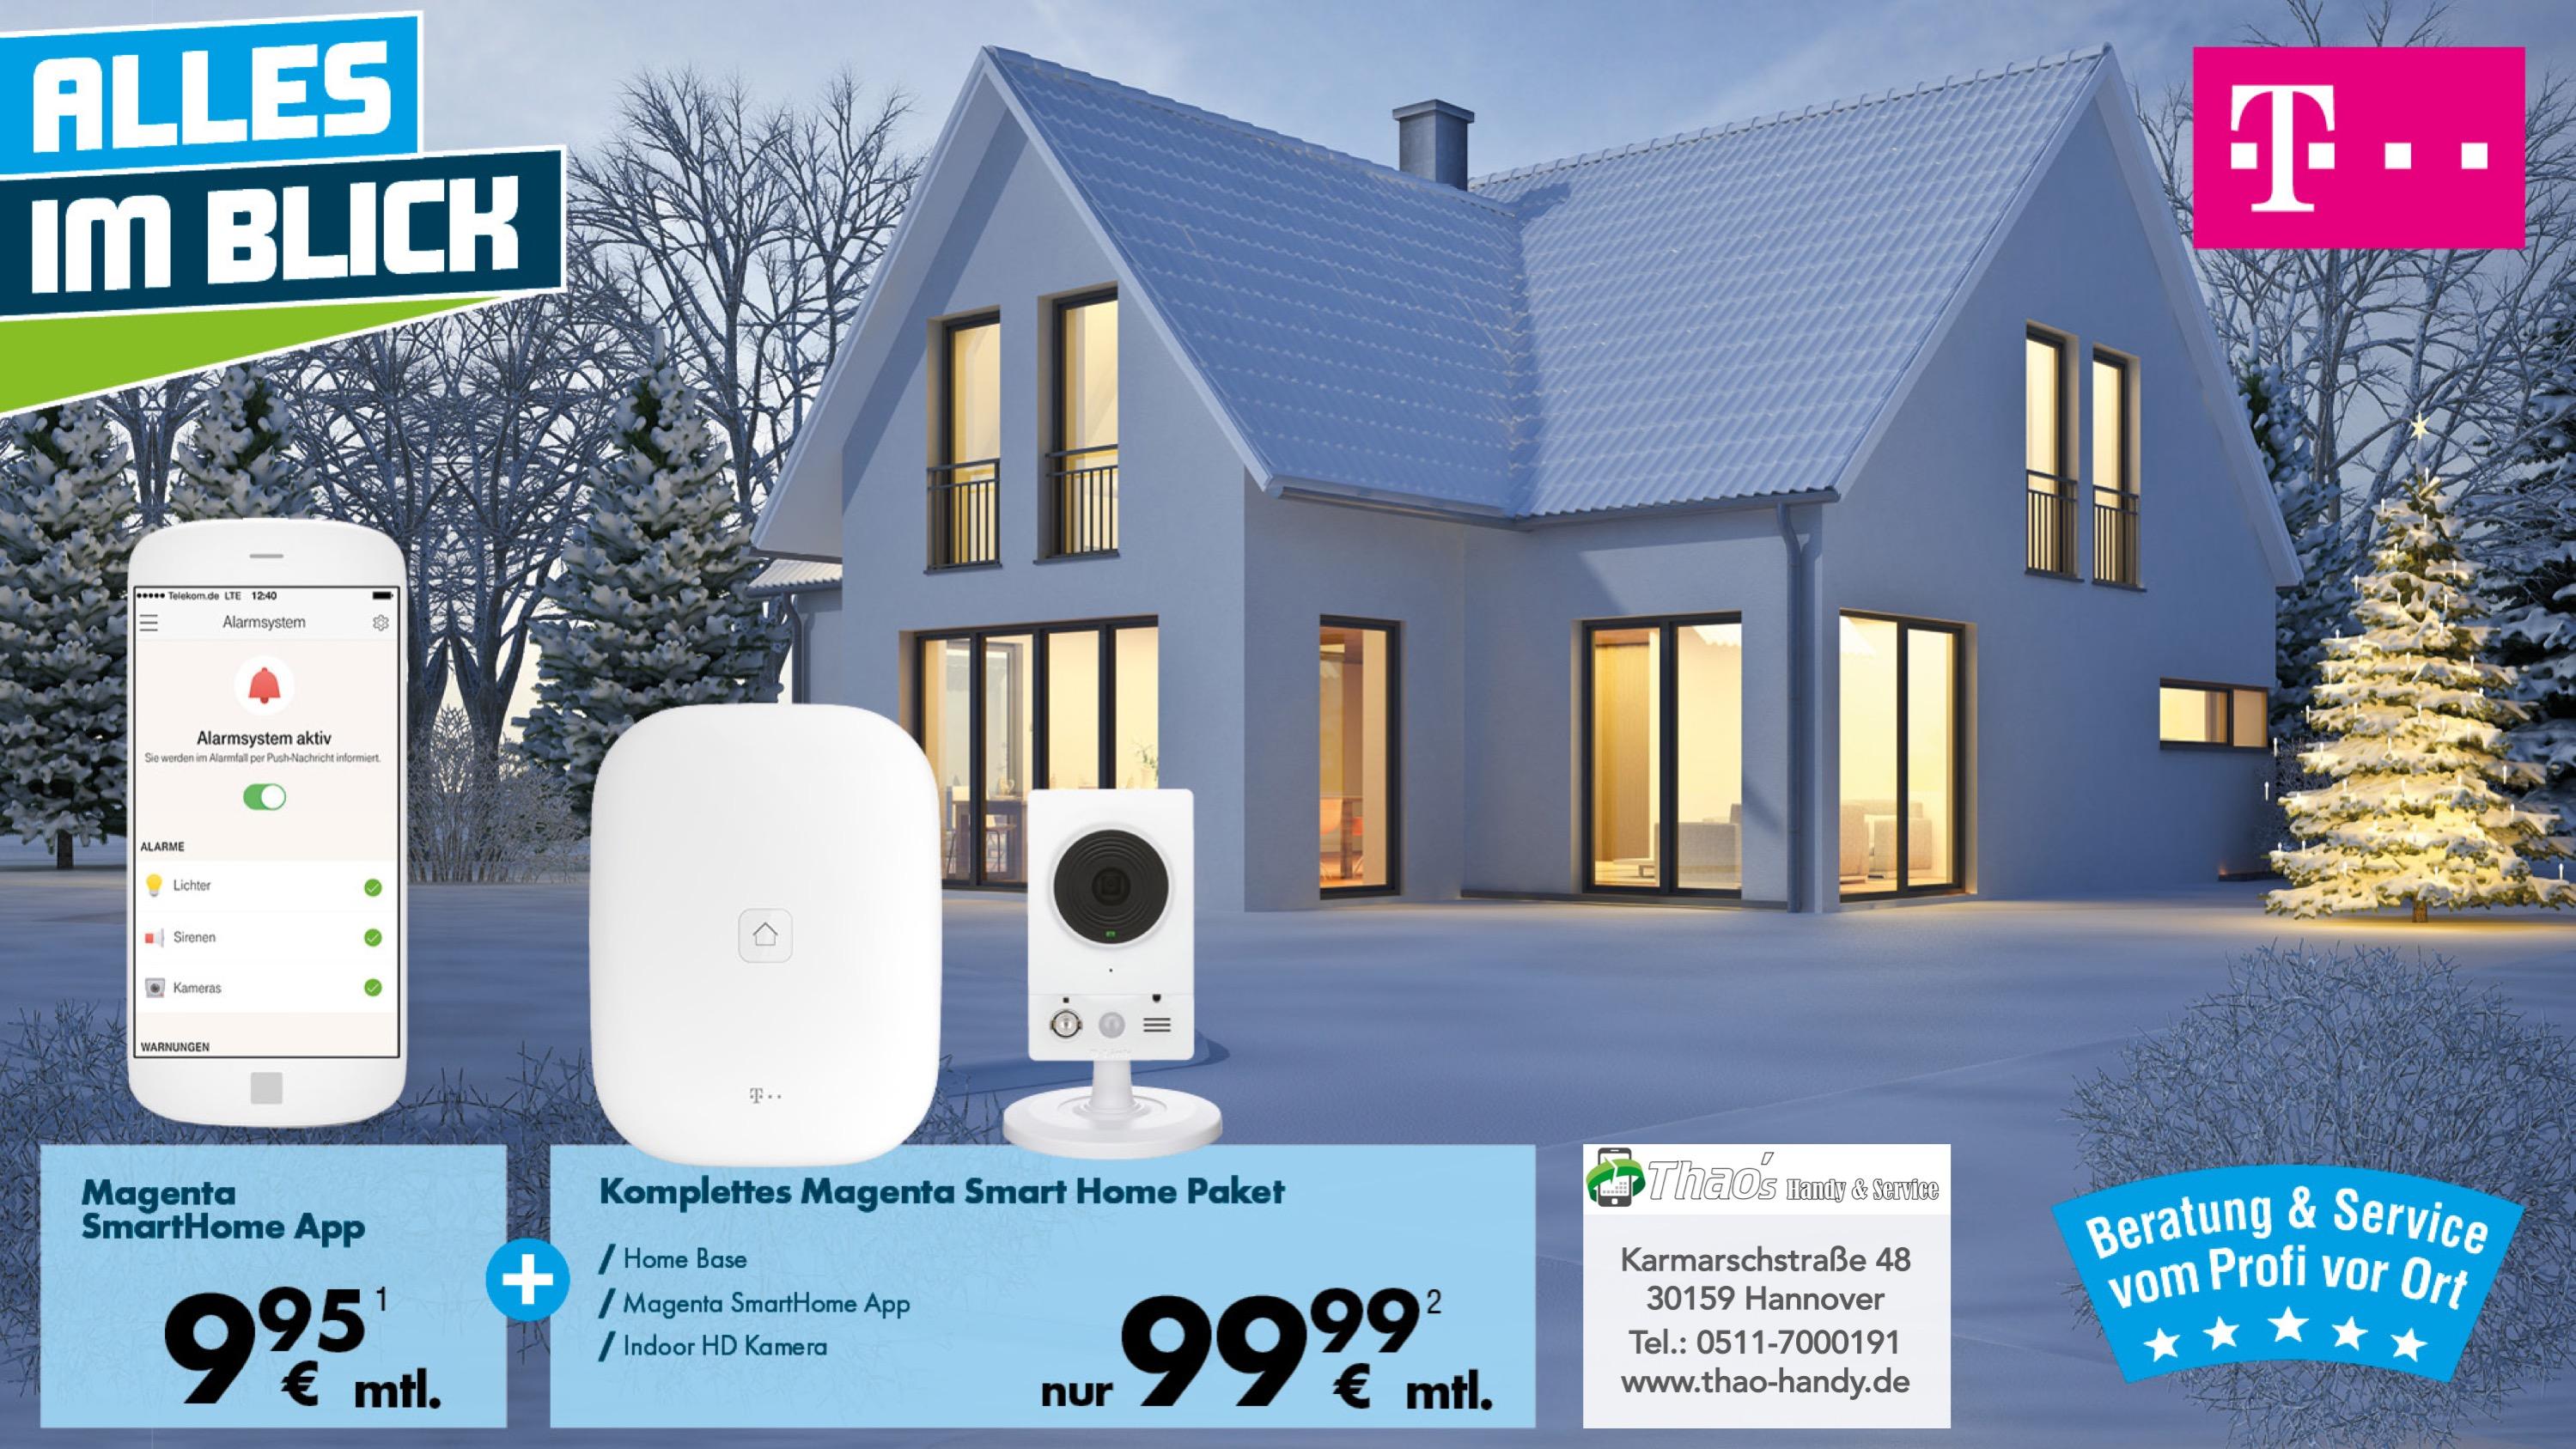 Magenta smart home